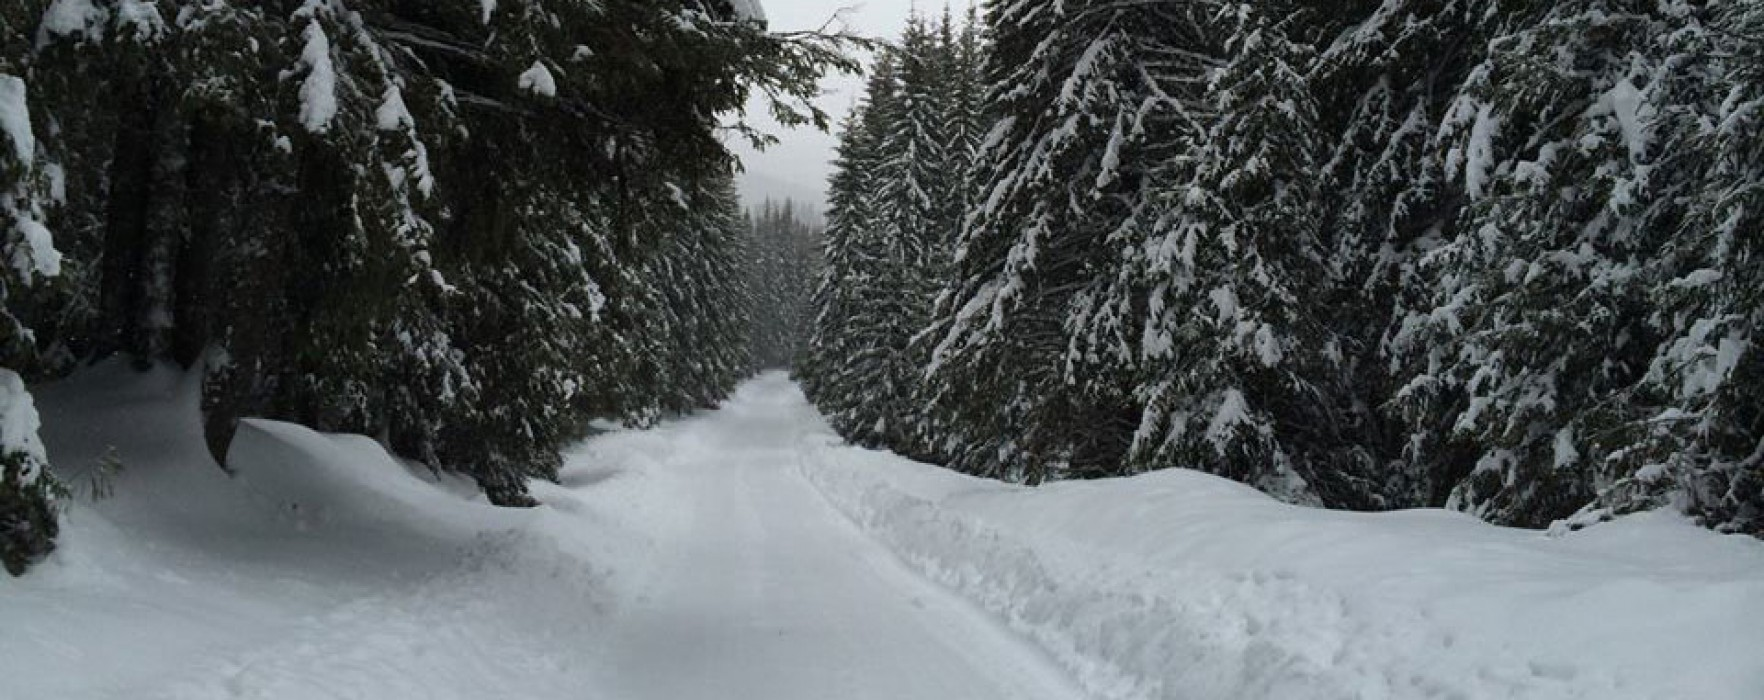 IPJ Dâmboviţa: Avalanşă în zona montană; DJ 713 este închis de marţi